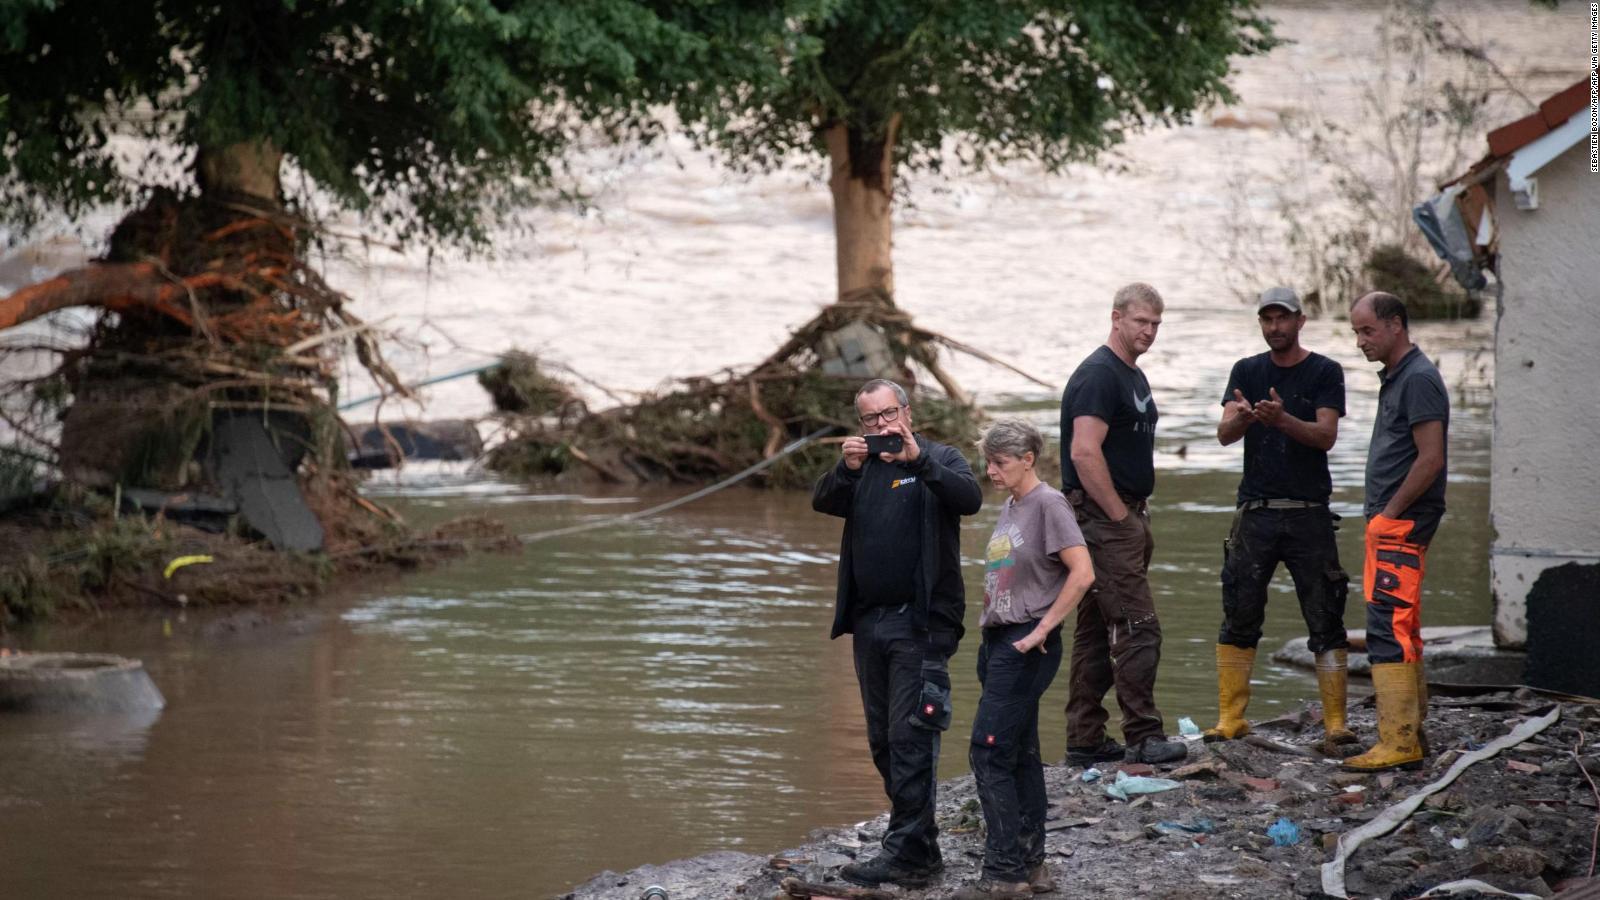 Inundaciones provocan muertes en Alemania y Bélgica